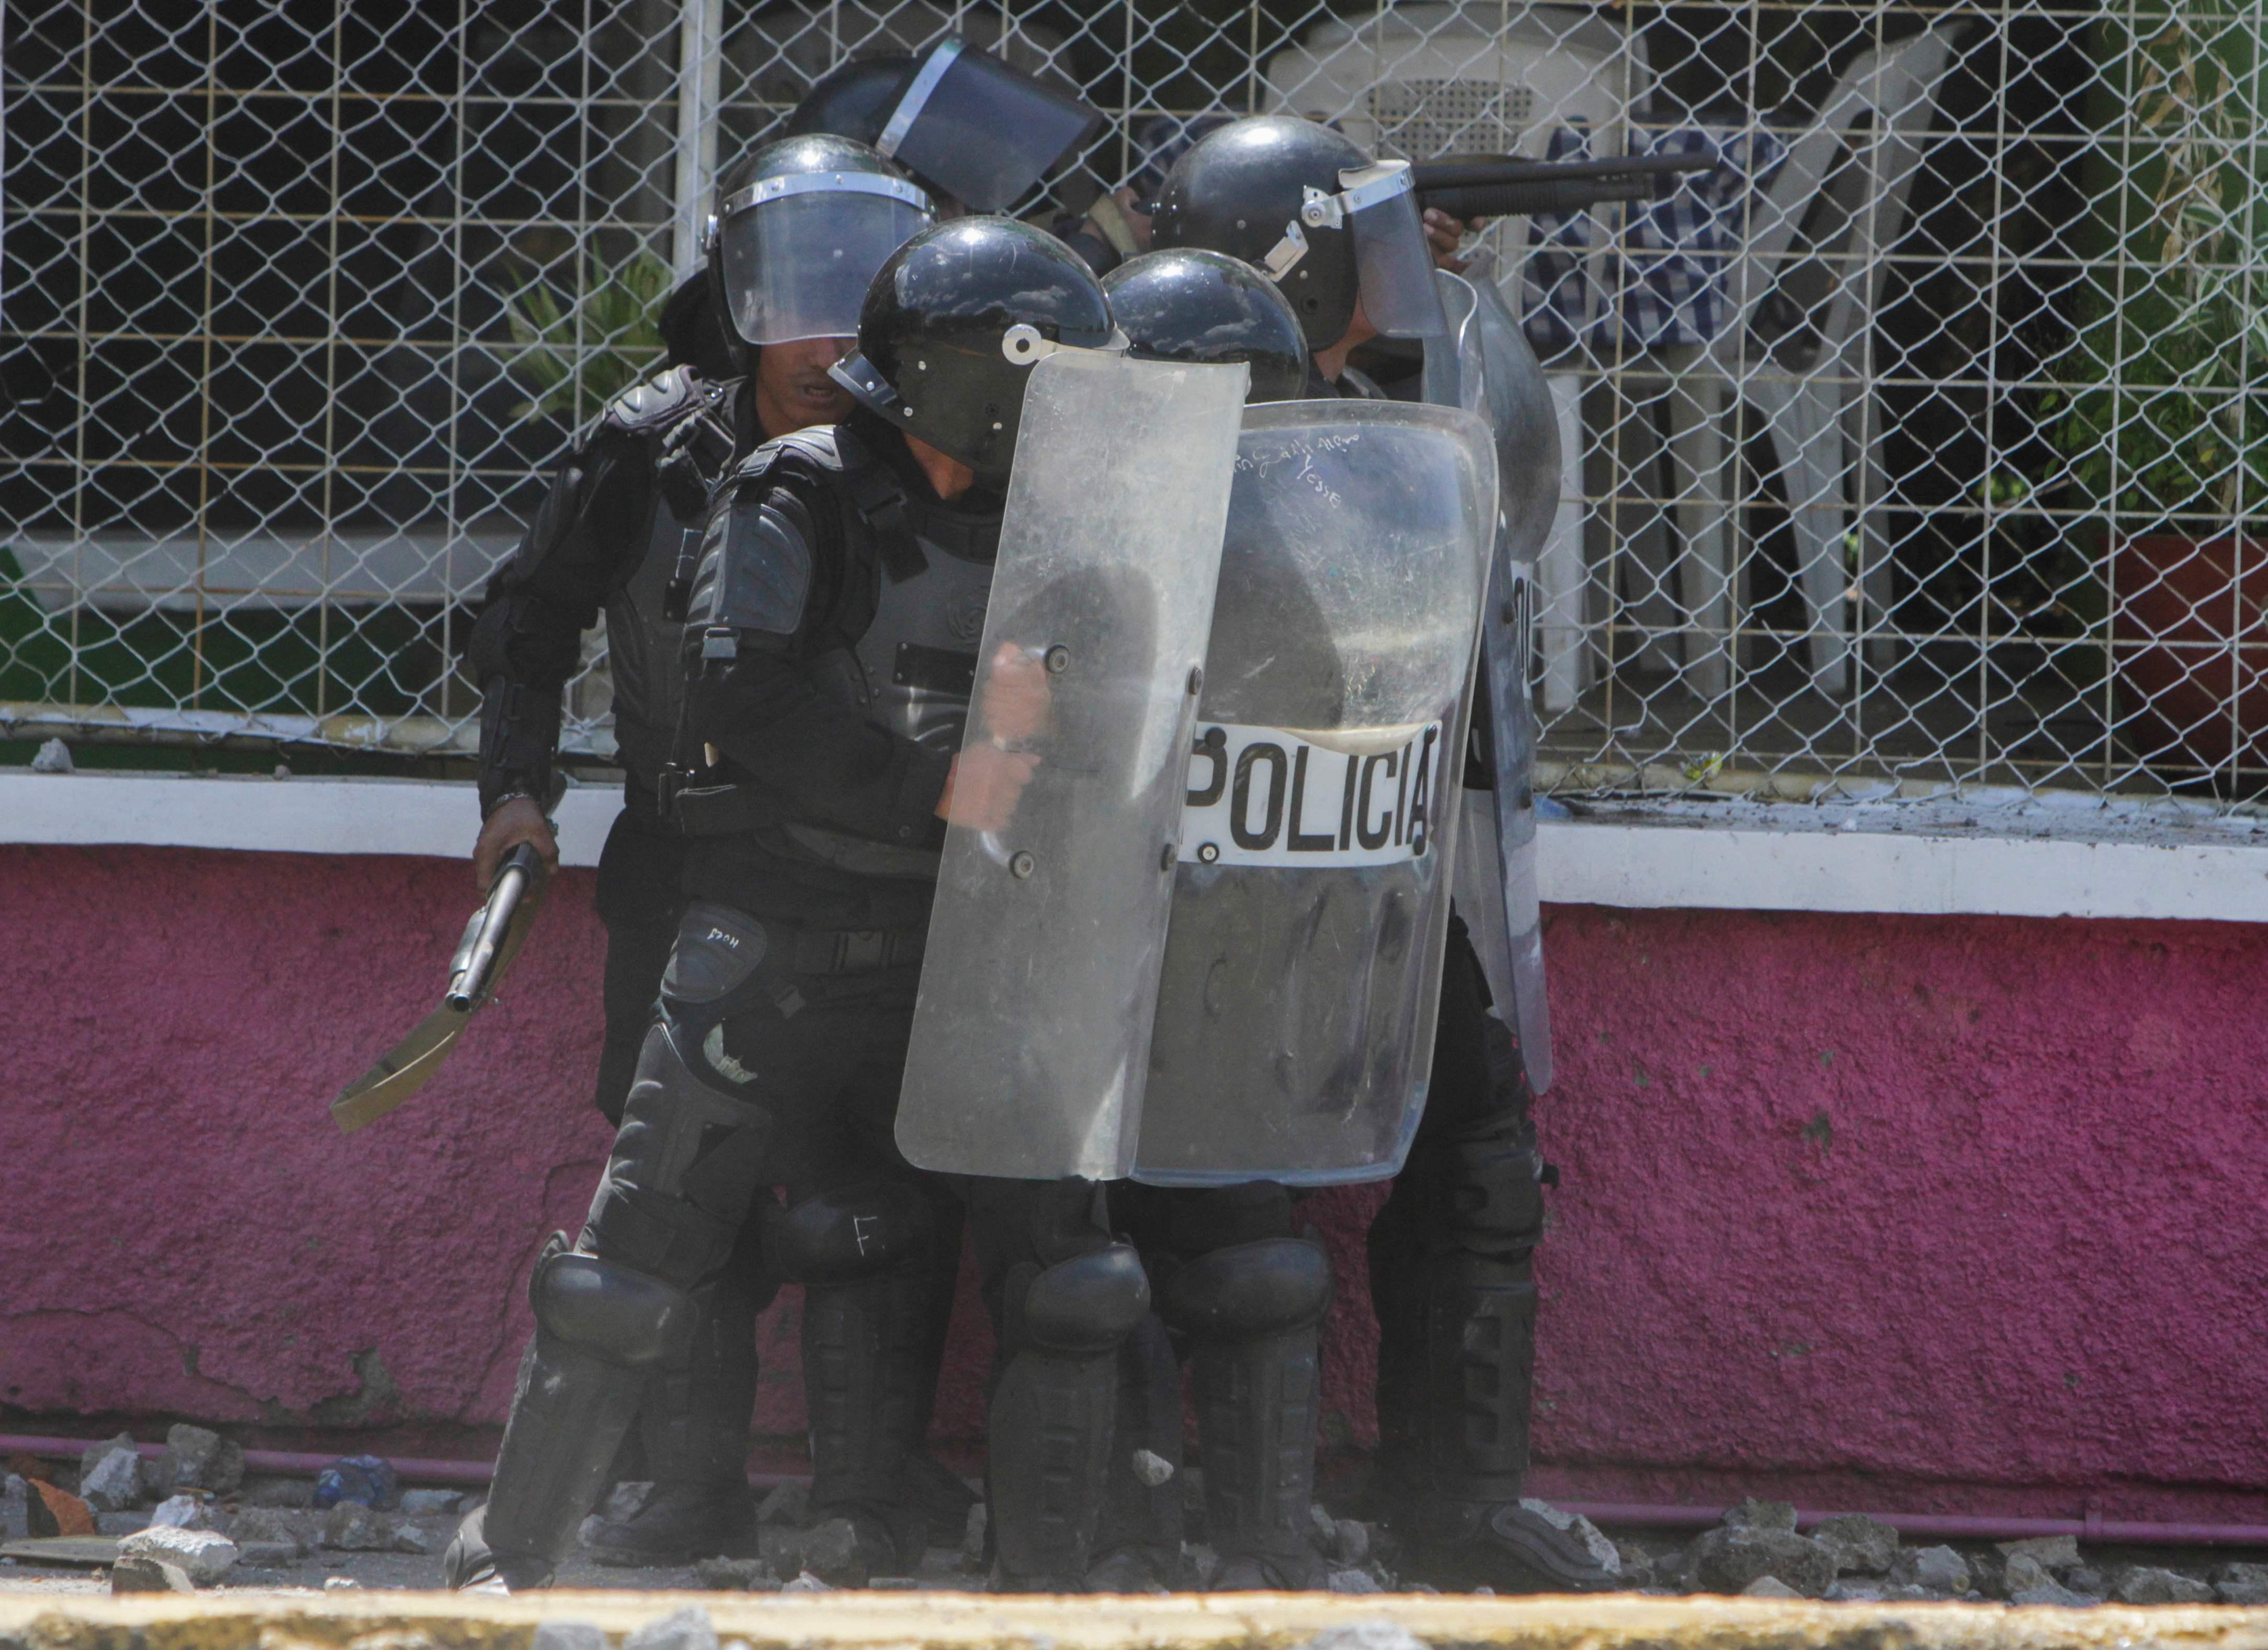 الشرطة تحتمى خلف الدروع من حجارة المتظاهرين